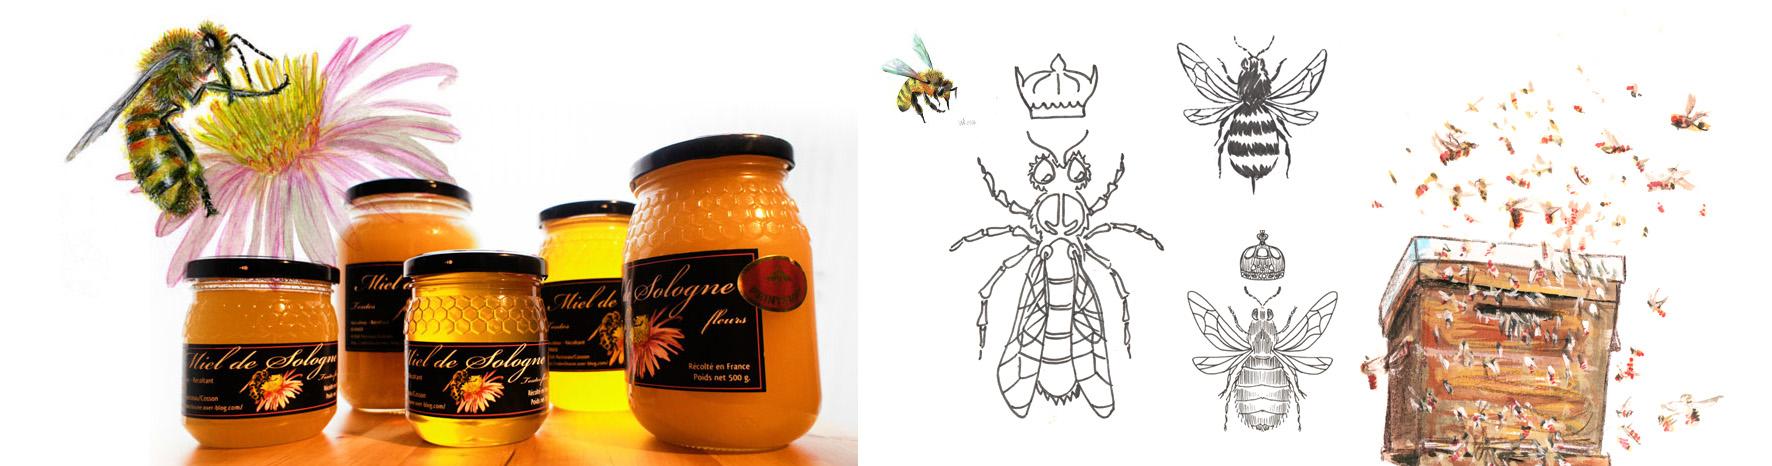 Etiquettes Miel Biologique de Sologne - 2012